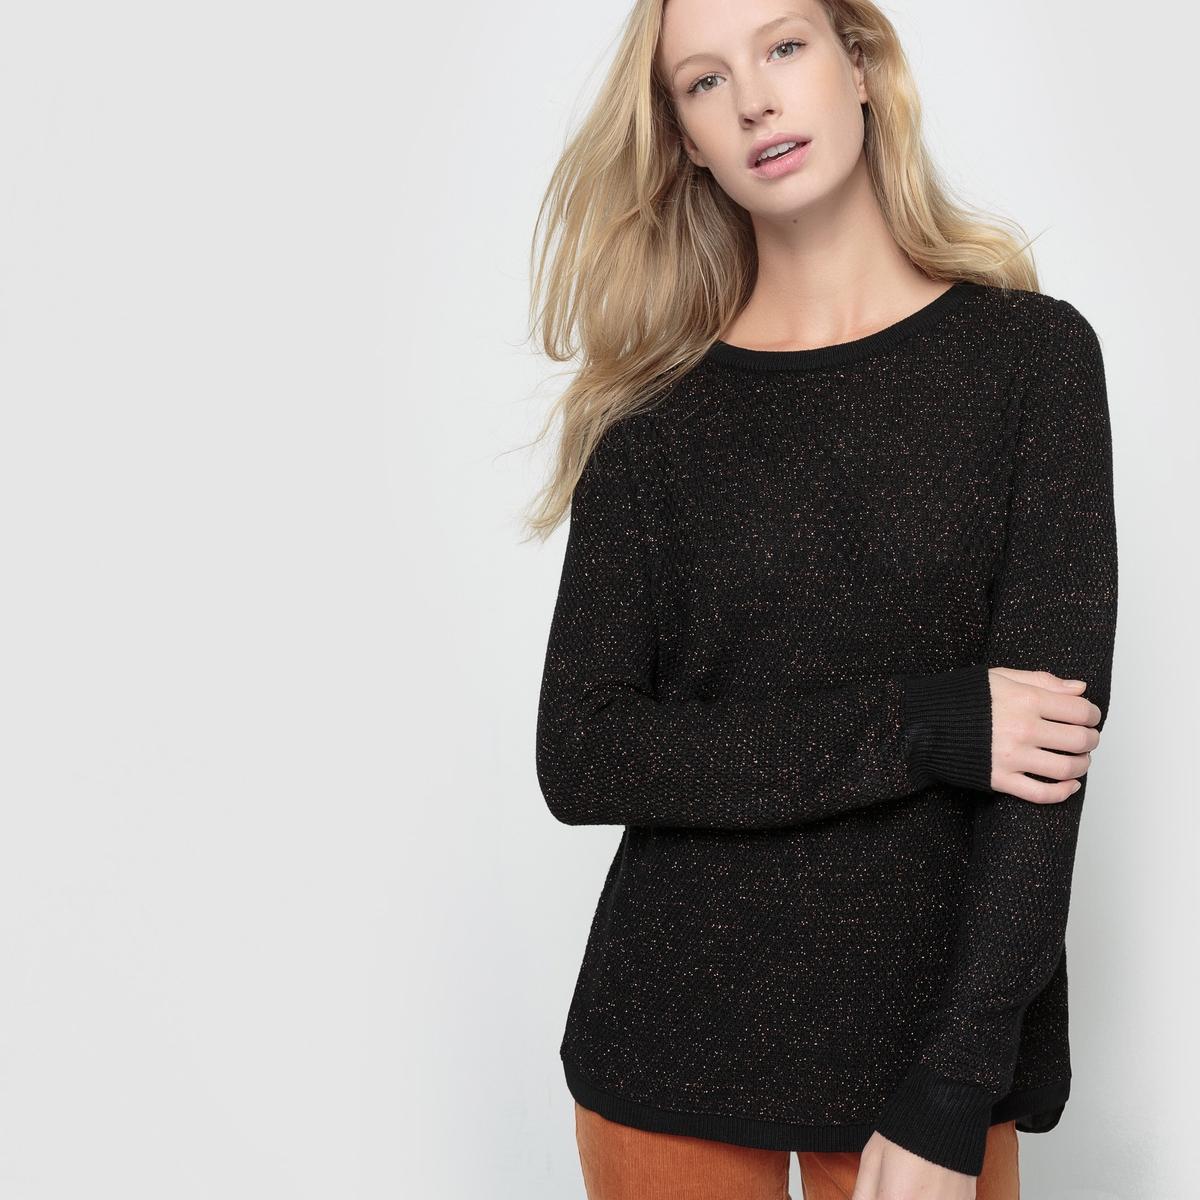 Пуловер из тонкого трикотажаПуловер с длинным рукавом BEST MOUNTAIN. Круглый вырез. Пуловер из тонкого трикотажа. Спинка из вуали. Состав и описание :Материал : 45% акрила, 45% вискозы, 10% люрексаМарка : BEST MOUNTAIN.<br><br>Цвет: черный